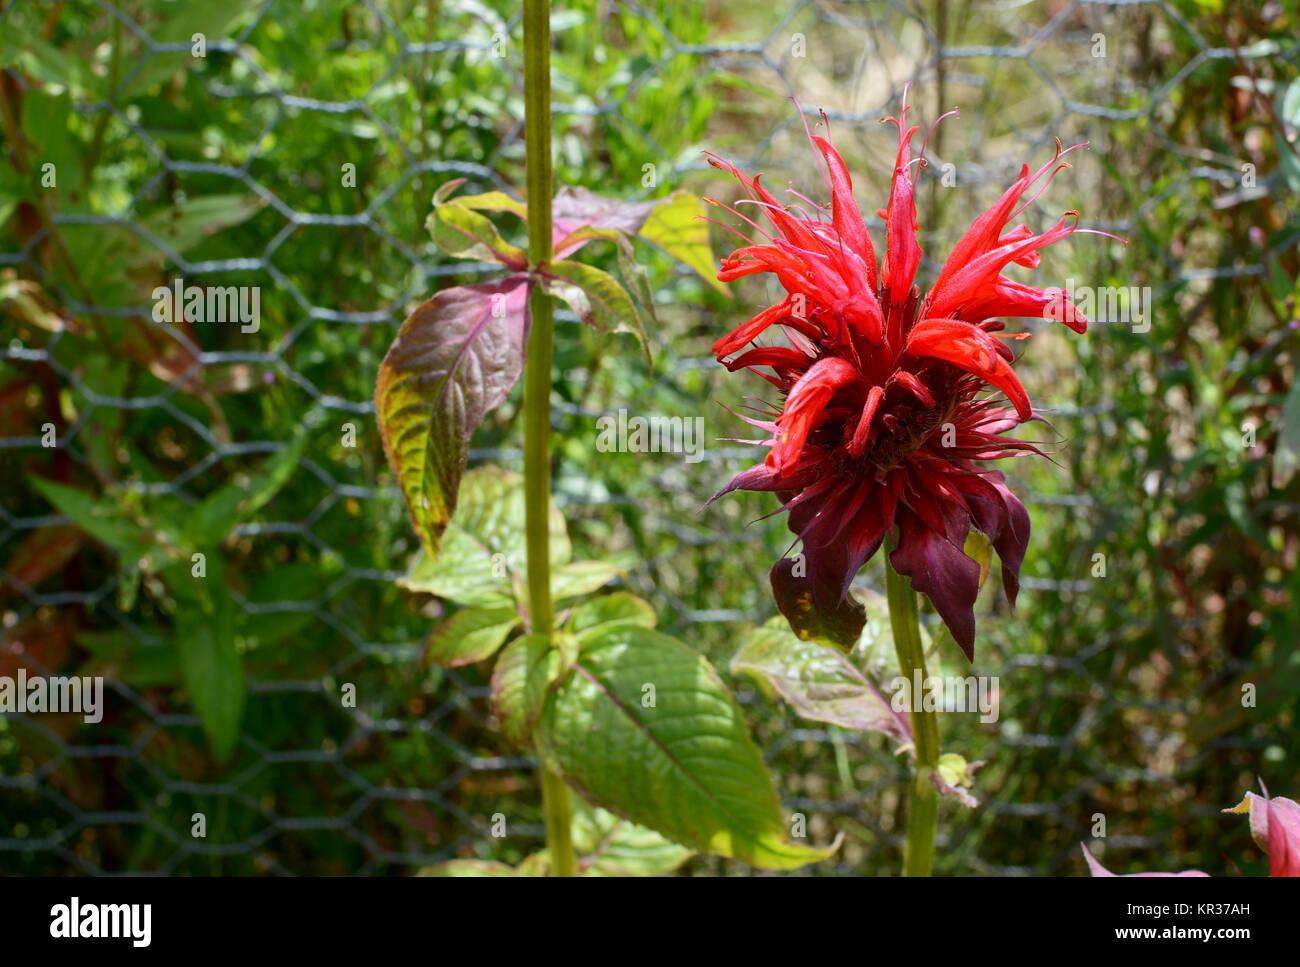 Red bergamot flower - Stock Image